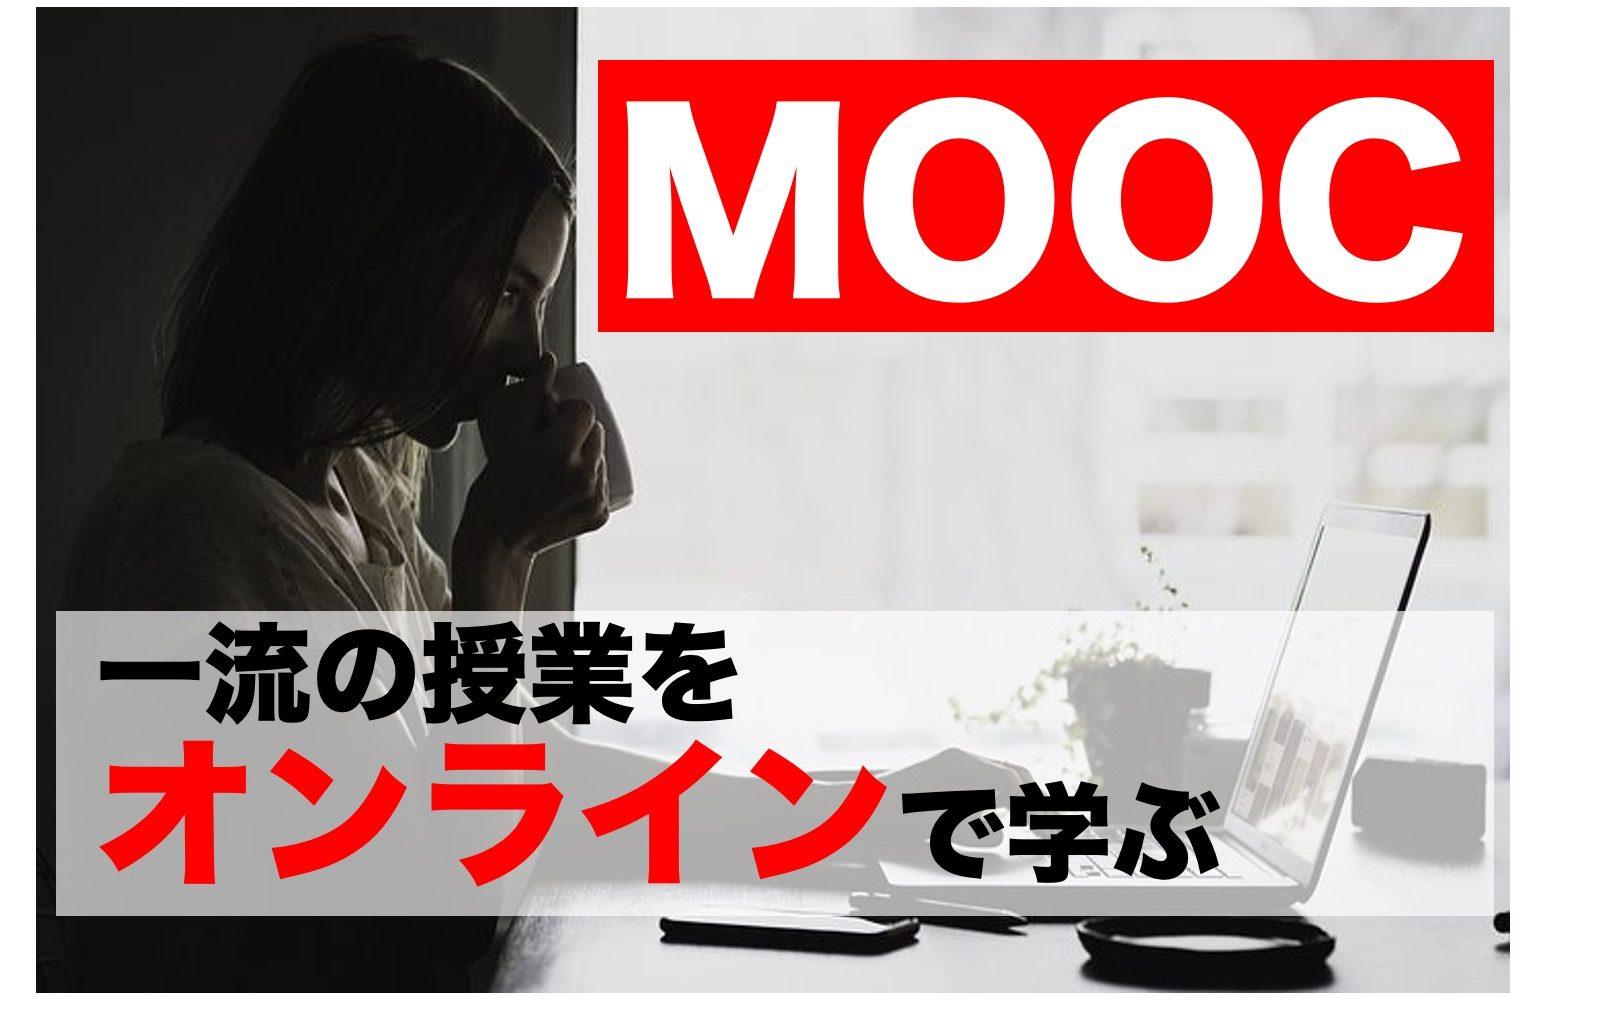 【MOOCおすすめ4選】世界一流の授業をオンラインで学ぶ